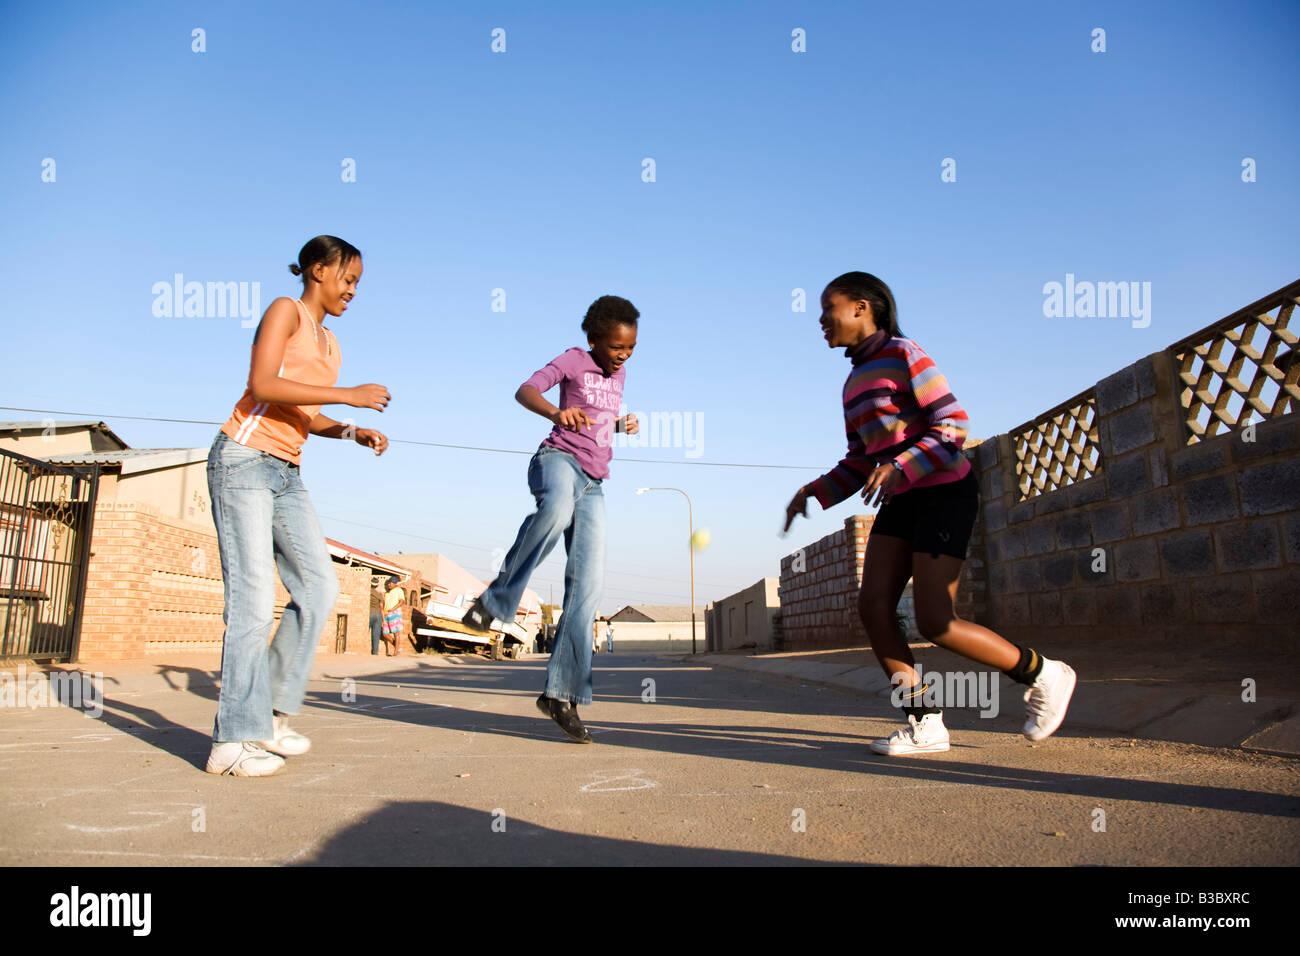 Girls playing on street - Stock Image